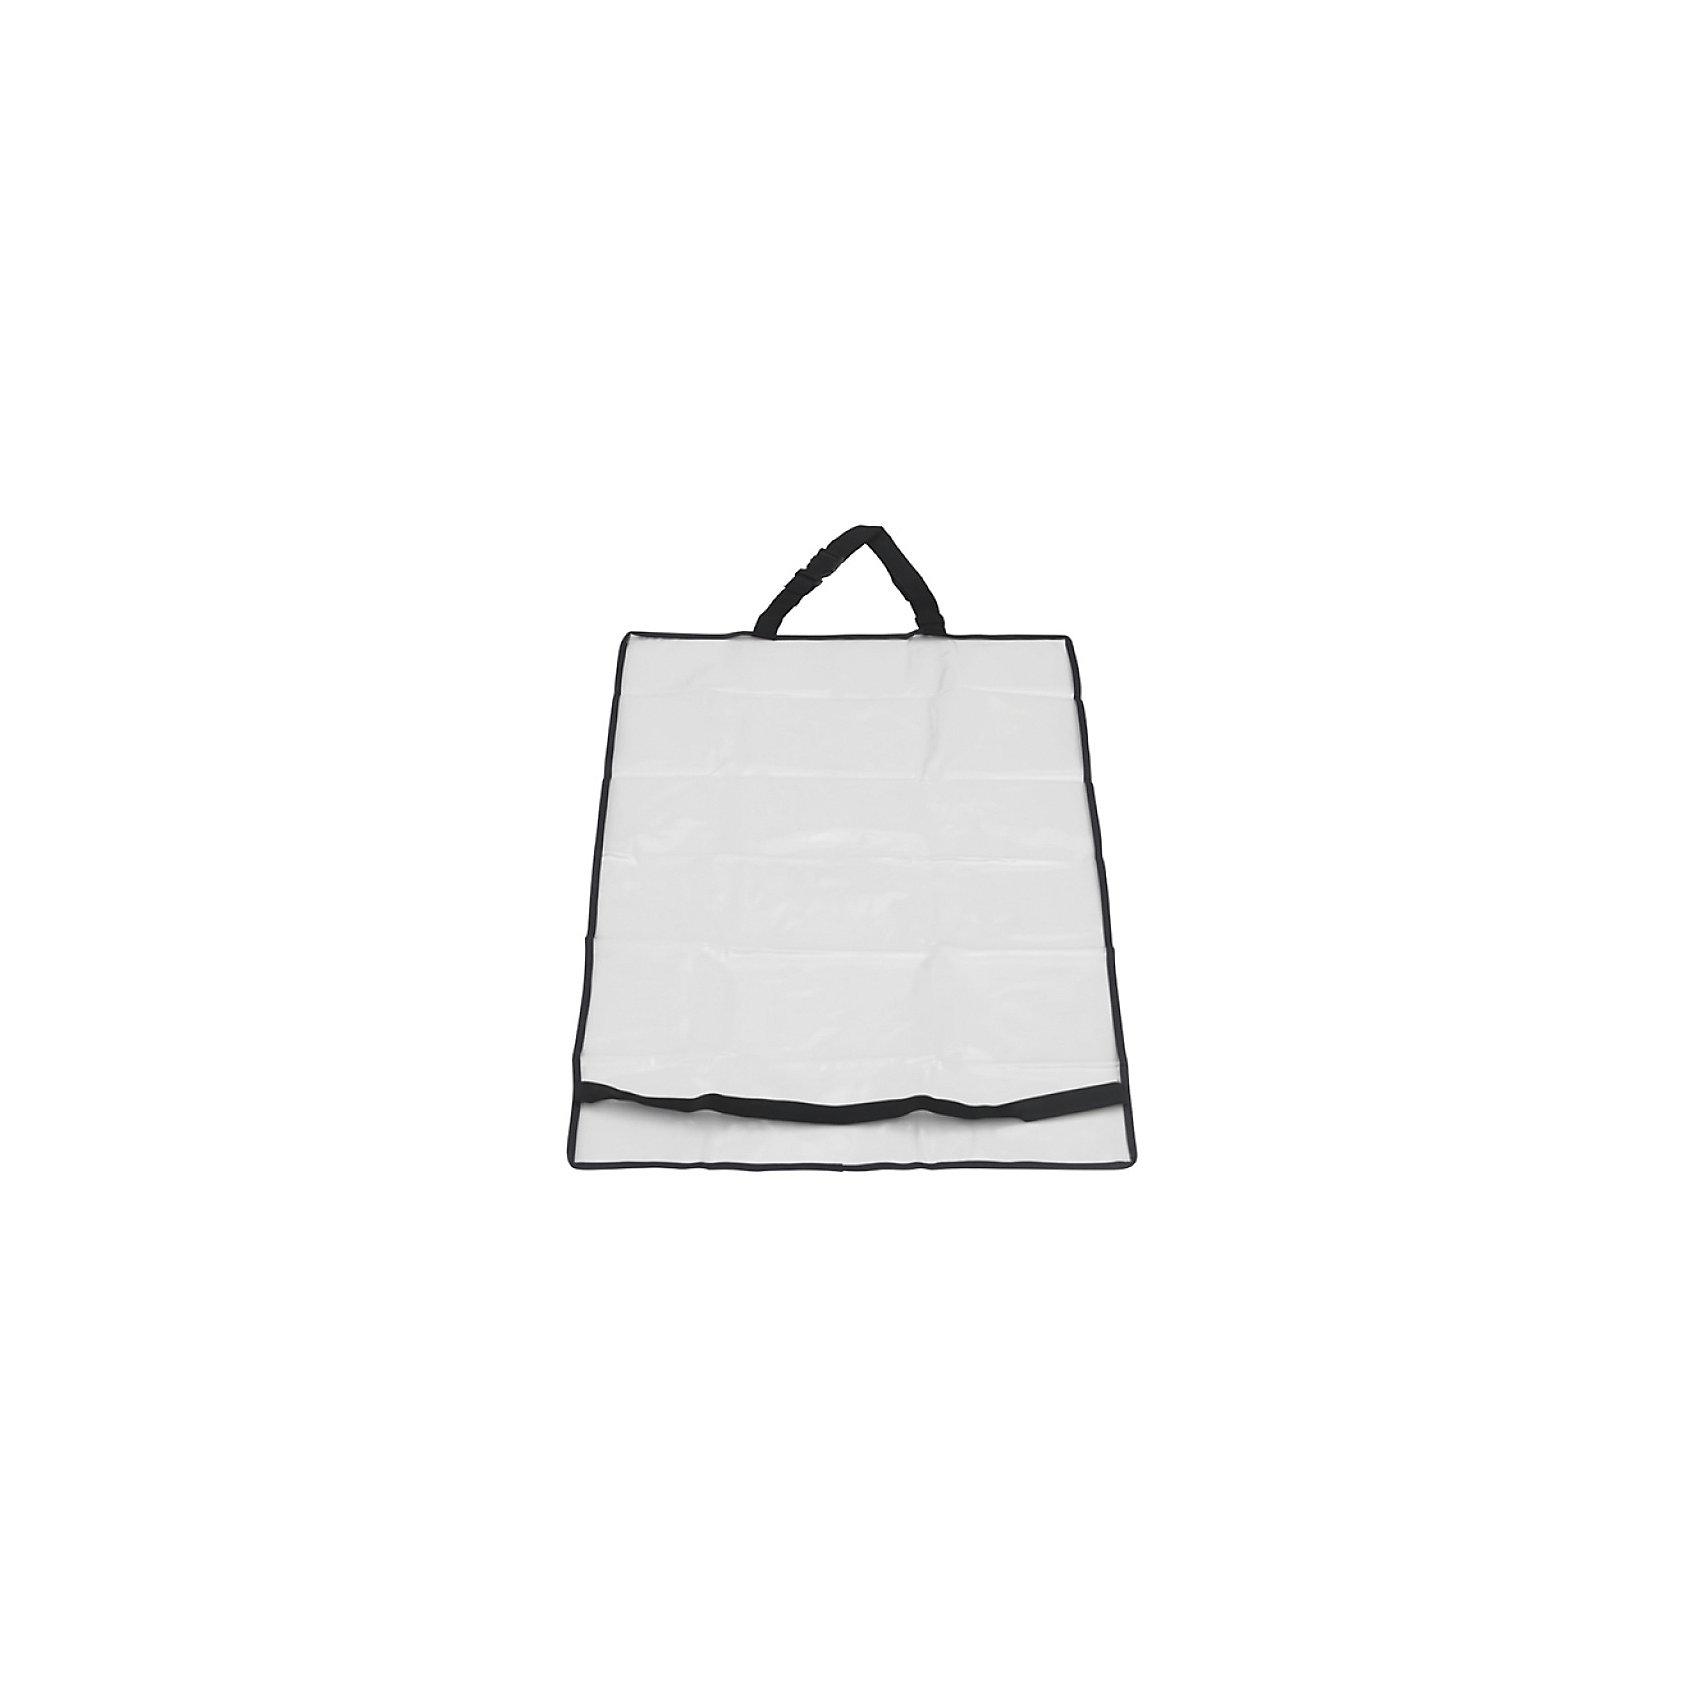 Защитная накидка на спинку автомобильного сиденья, Roxy-KidsАксессуары<br>Характеристики:<br><br>• Вид текстиля: защитная накидка для автомобиля<br>• Цвет: прозрачный<br>• Материал: полиэтилен<br>• Форма подушки: валик<br>• Крепится на сиденье<br>• Универсальный размер<br>• Вес: 200 г<br>• Размеры (Д*Ш*В): 15*5*22 см<br>• Особенности ухода: сухая и влажная чистка<br><br>Защитная накидка на спинку автомобильного сиденья, Roxy-Kids предназначено для защиты от загрязнений автомобильных сидений и чехлов. Изготовлена из полиэтилена, котороый обладает гповышенными прочными свойствами. Изделие обработано кантом с резинкой, что обеспечивает его надежную фиксацию на сиденье. На накидке предусмотрен ремешок, который надевается на подголовник. За накидкой легко ухаживать: ее можно протирать влажной губкой. <br><br>Защитную накидку на спинку автомобильного сиденья, Roxy-Kids можно купить в нашем интернет-магазине.<br><br>Ширина мм: 150<br>Глубина мм: 220<br>Высота мм: 5<br>Вес г: 200<br>Возраст от месяцев: 12<br>Возраст до месяцев: 84<br>Пол: Унисекс<br>Возраст: Детский<br>SKU: 5489937